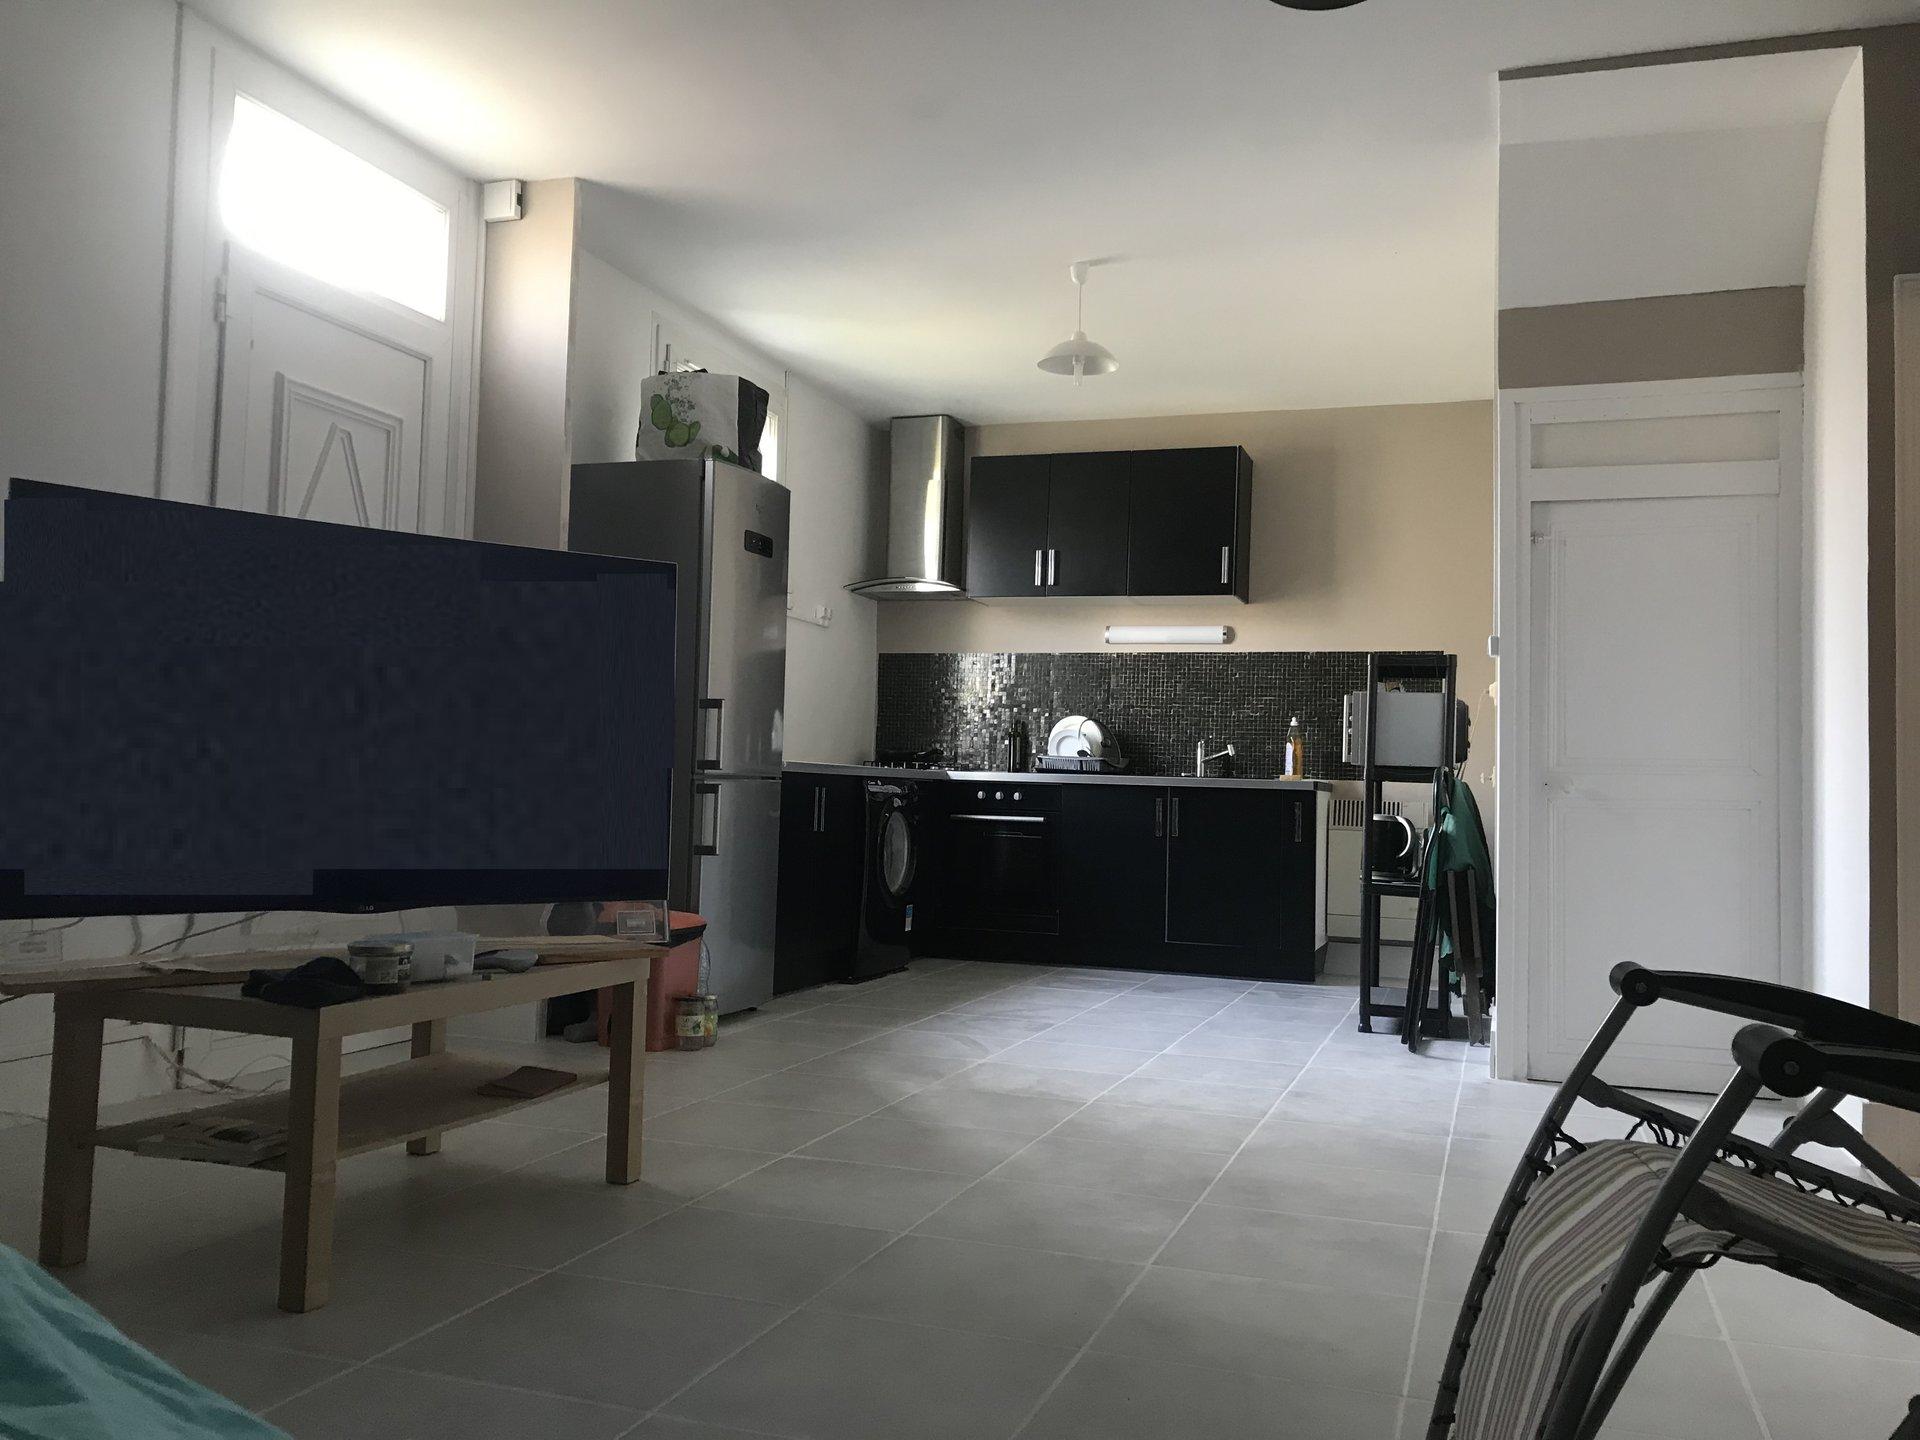 Maison entièrement rénovée - VIERZON SUD